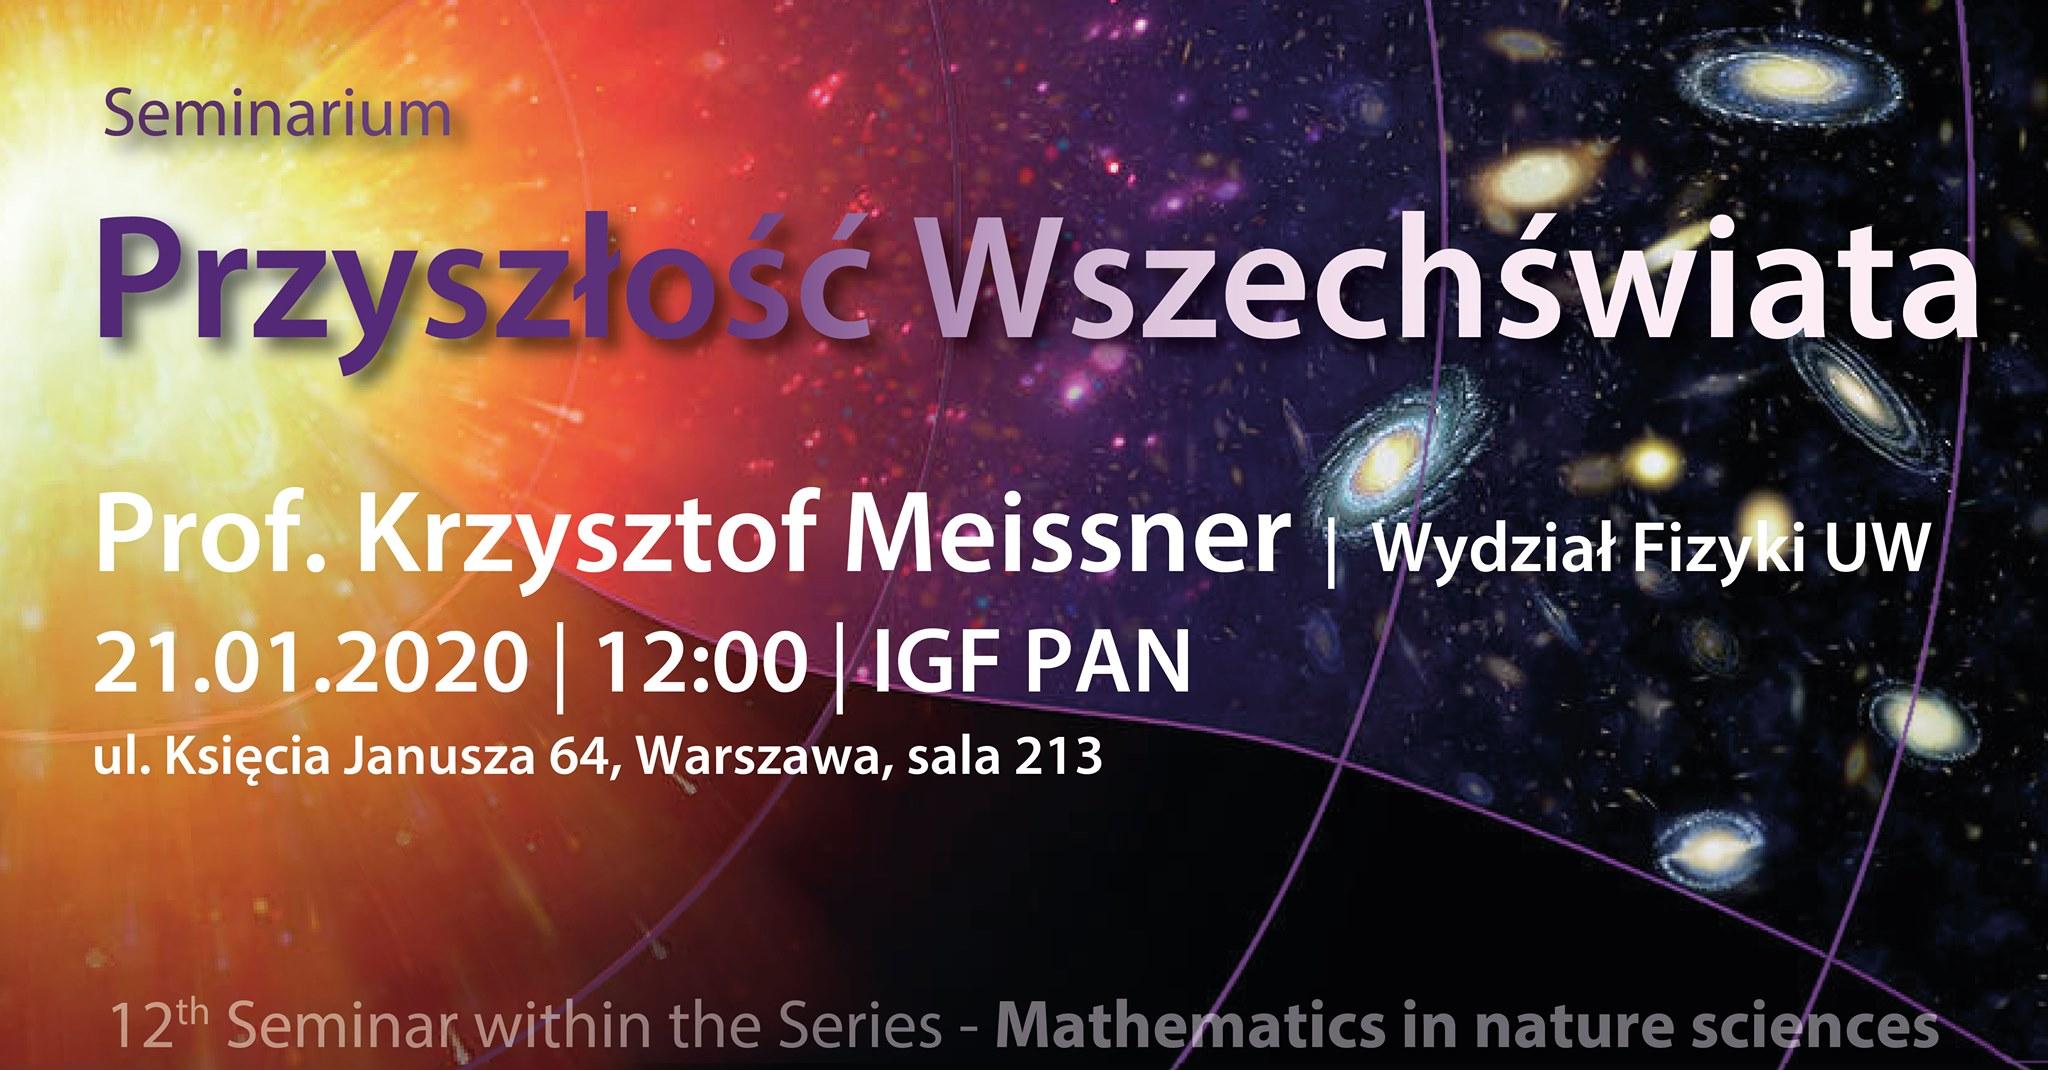 Przyszłość Wszechświata: Matematyka w naukach przyrodniczych @ Księcia Janusza 64